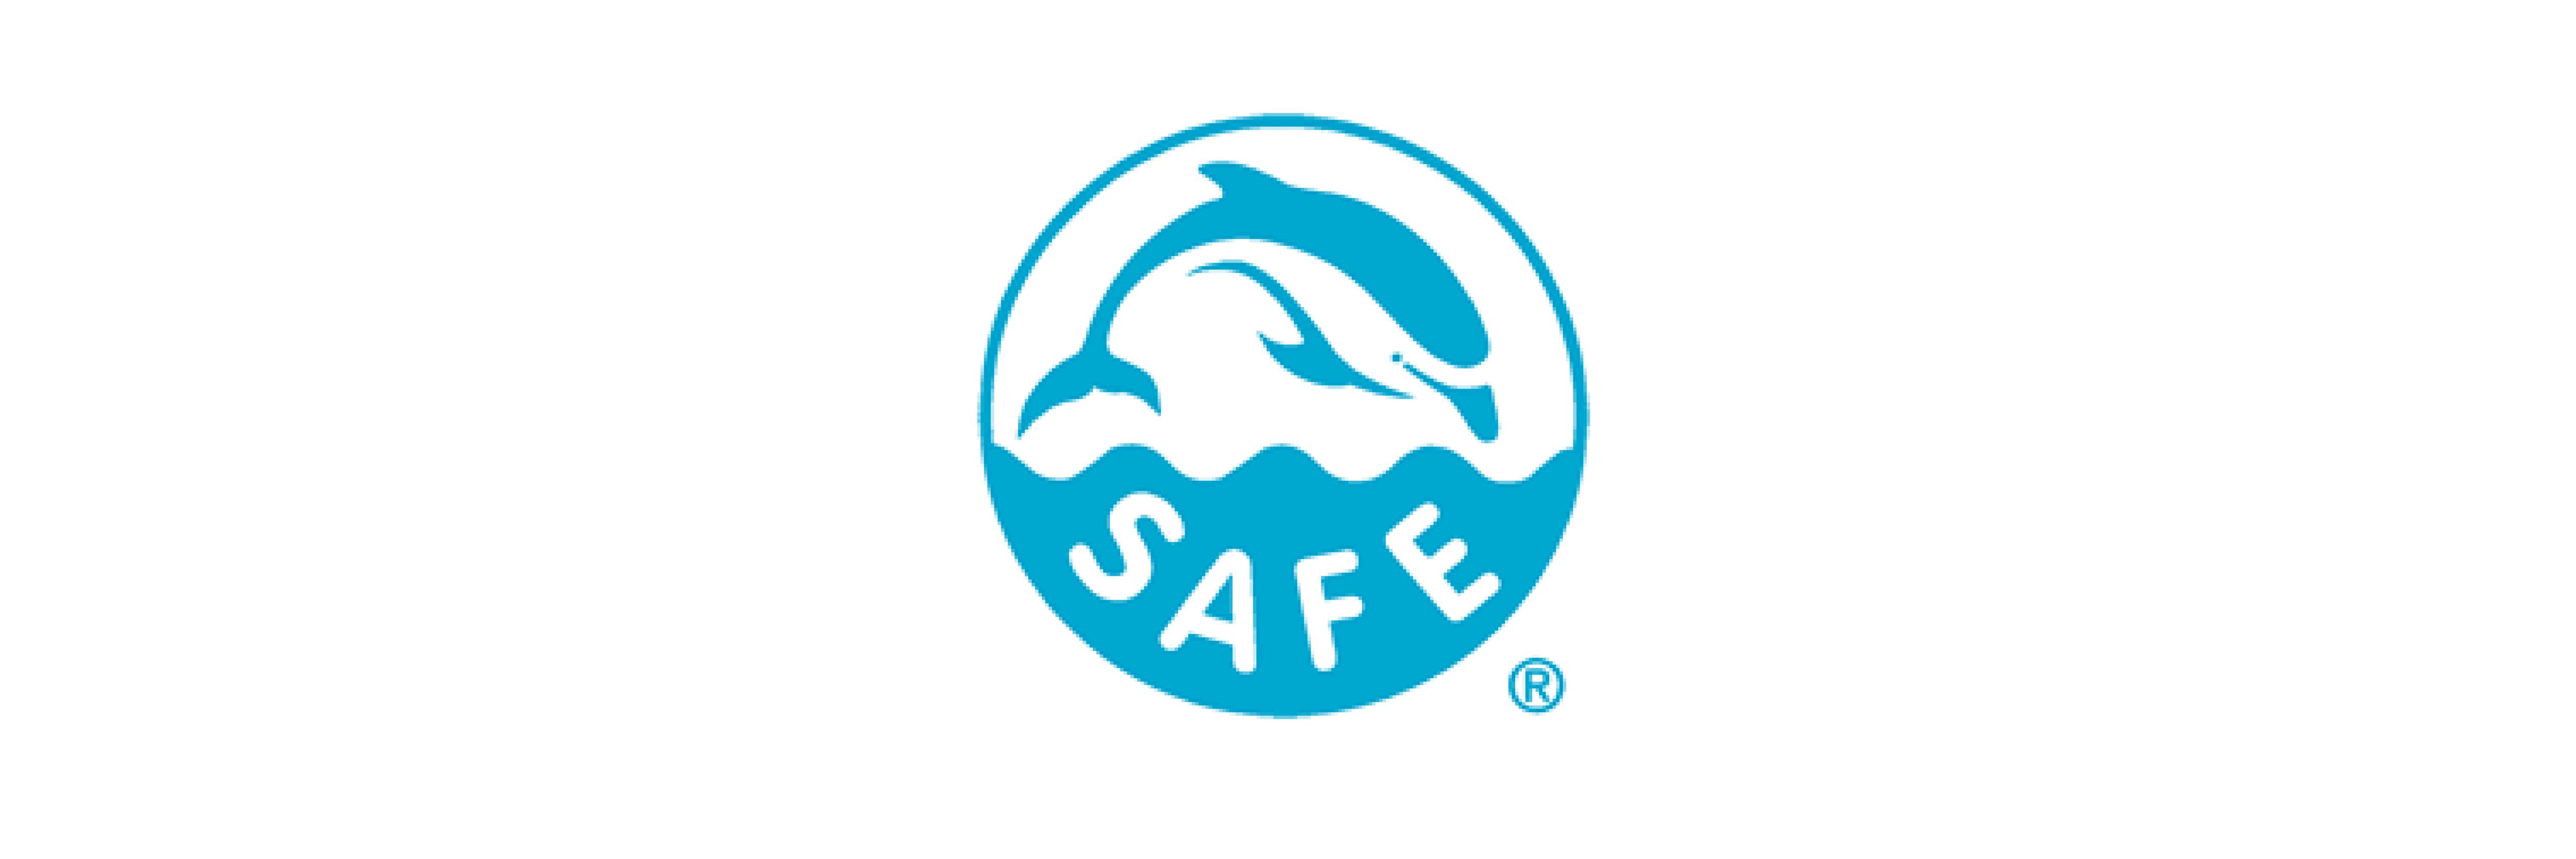 Dolphin Safe keurmerk